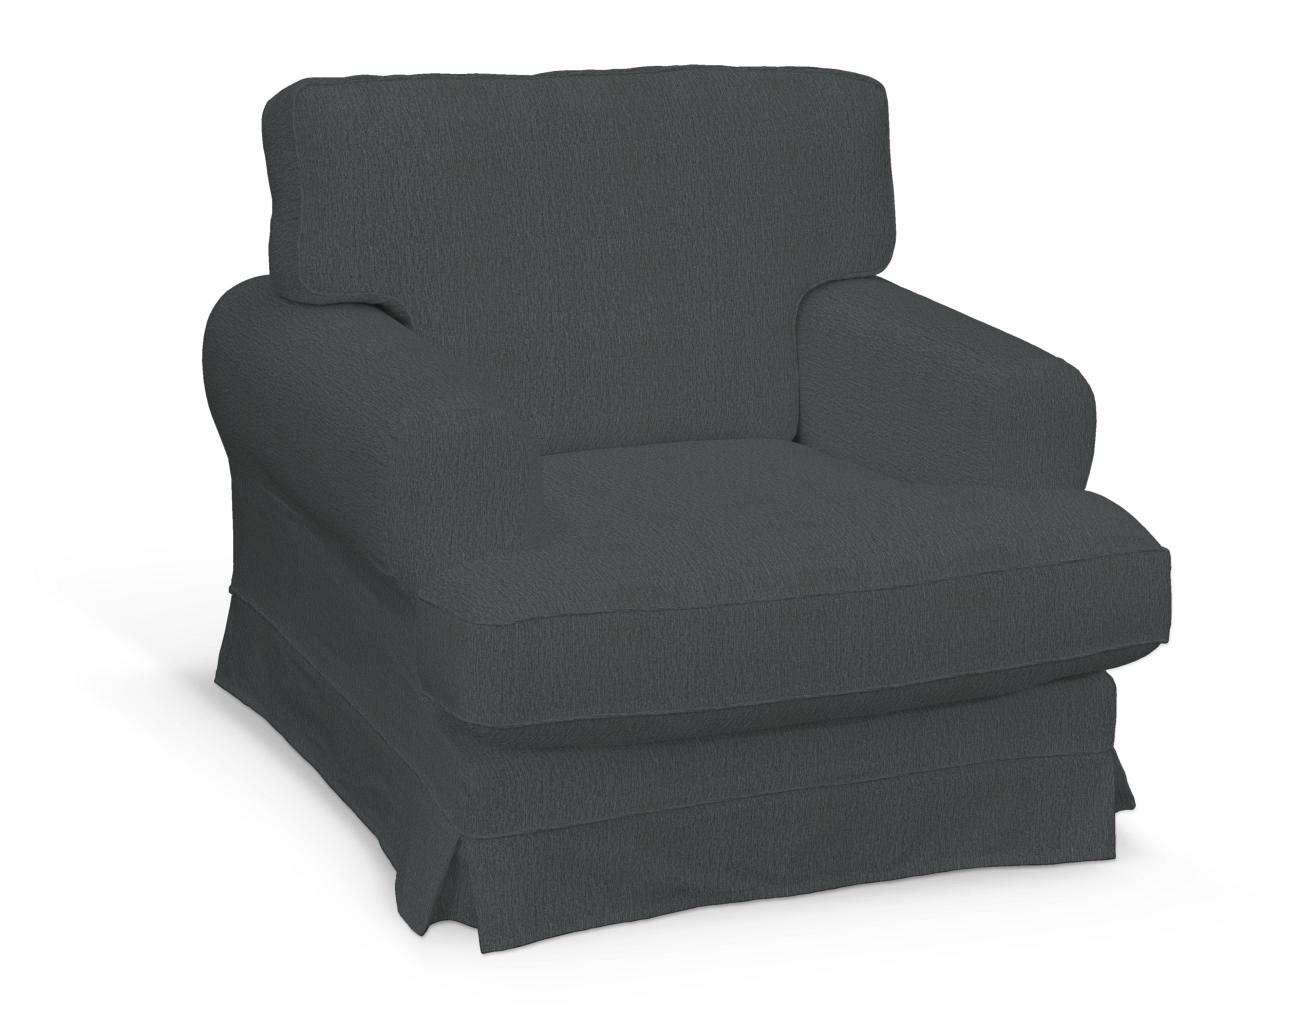 Pokrowiec na fotel Ekeskog w kolekcji Chenille, tkanina: 702-20